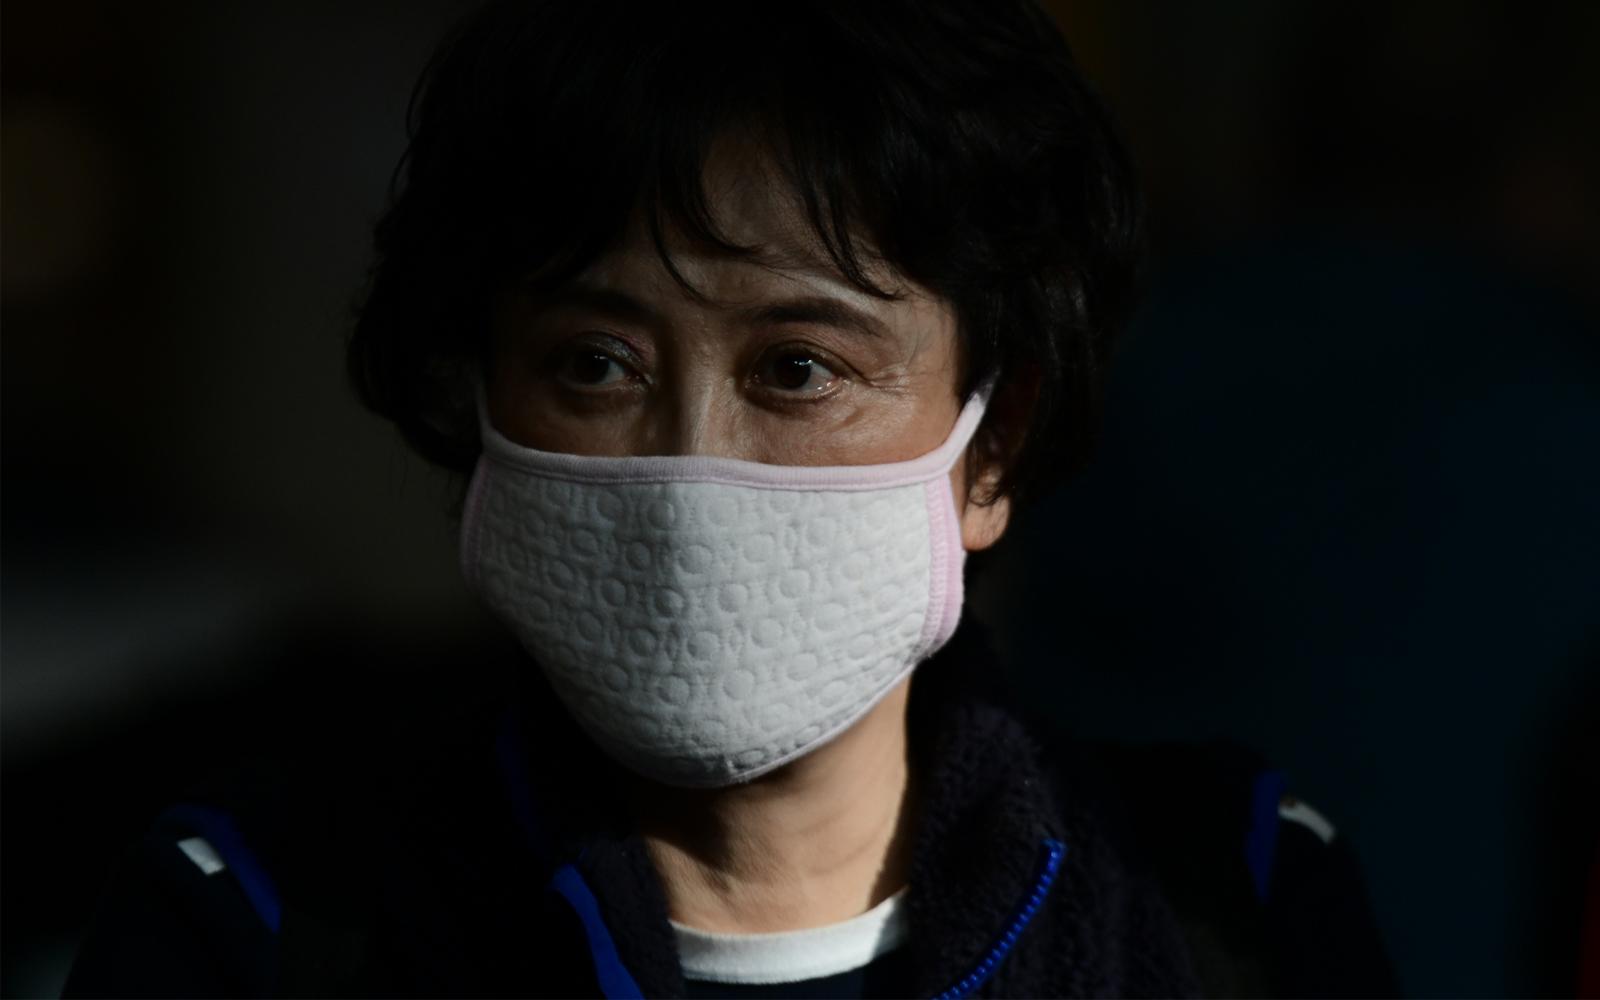 masque de protection epidemie